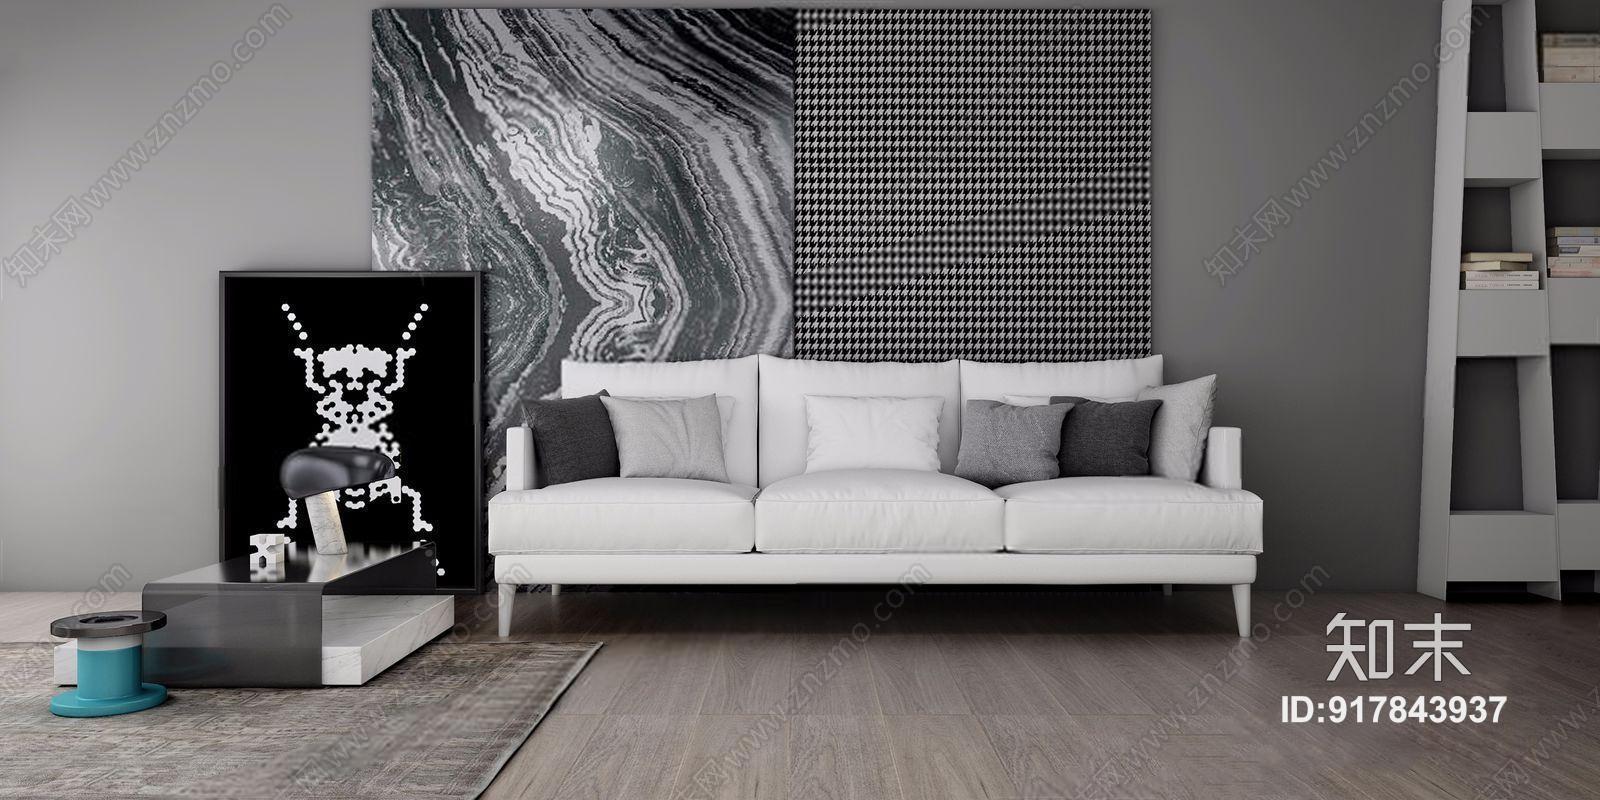 意大利 Bonaldo 现代多人沙发 现代多人沙发 边几 台灯 挂画 布艺沙发 意大利 Bonaldo